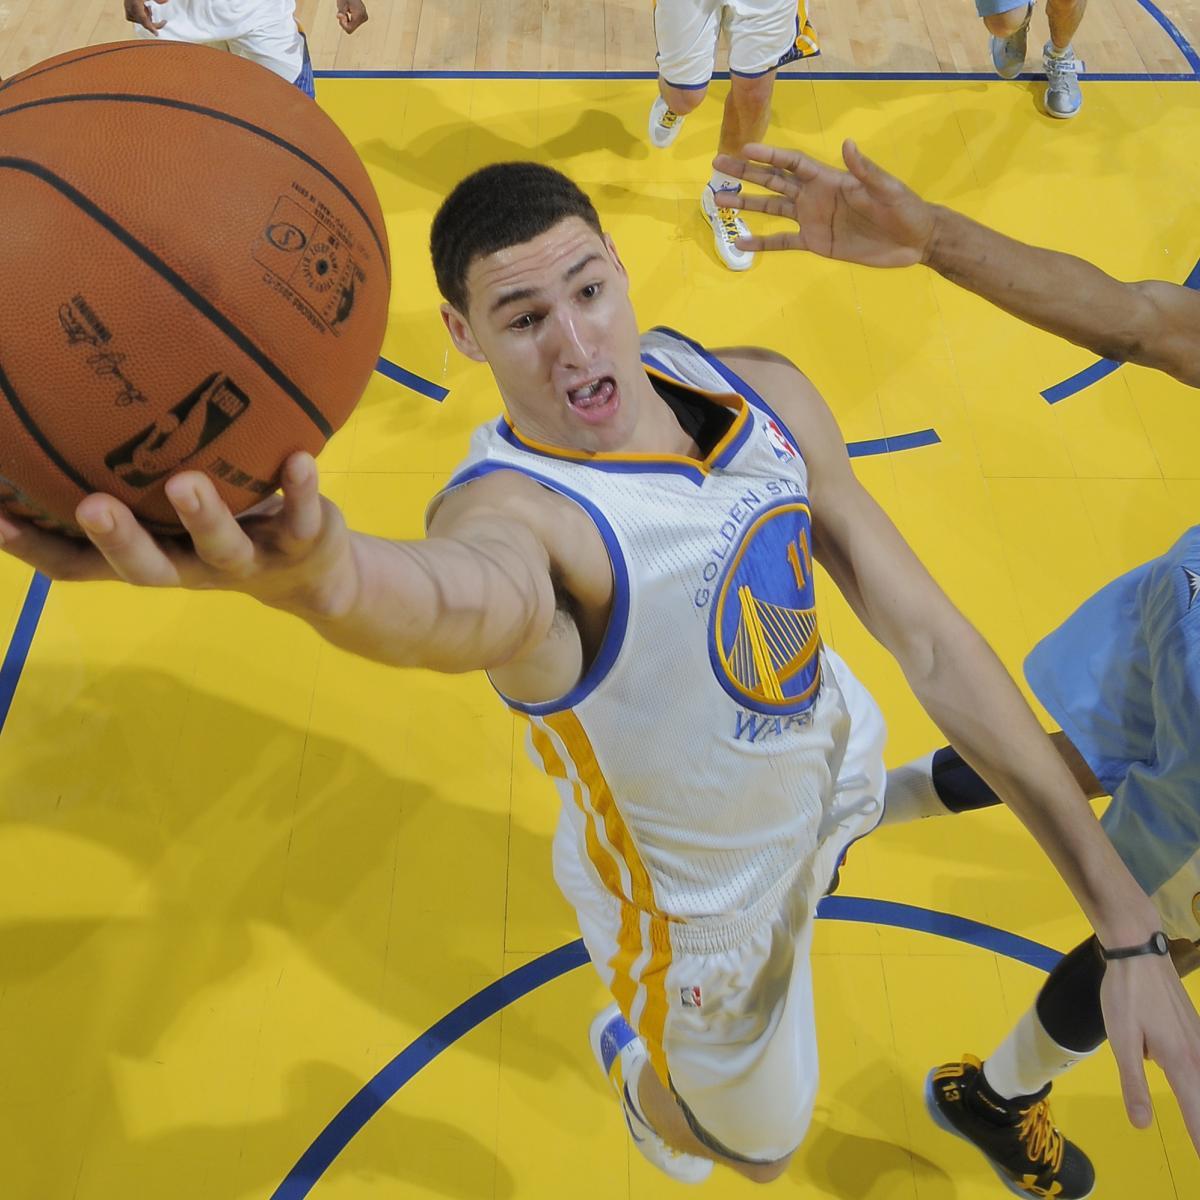 Denver News Golden: Denver Nuggets Vs. Golden State Warriors: Live Score